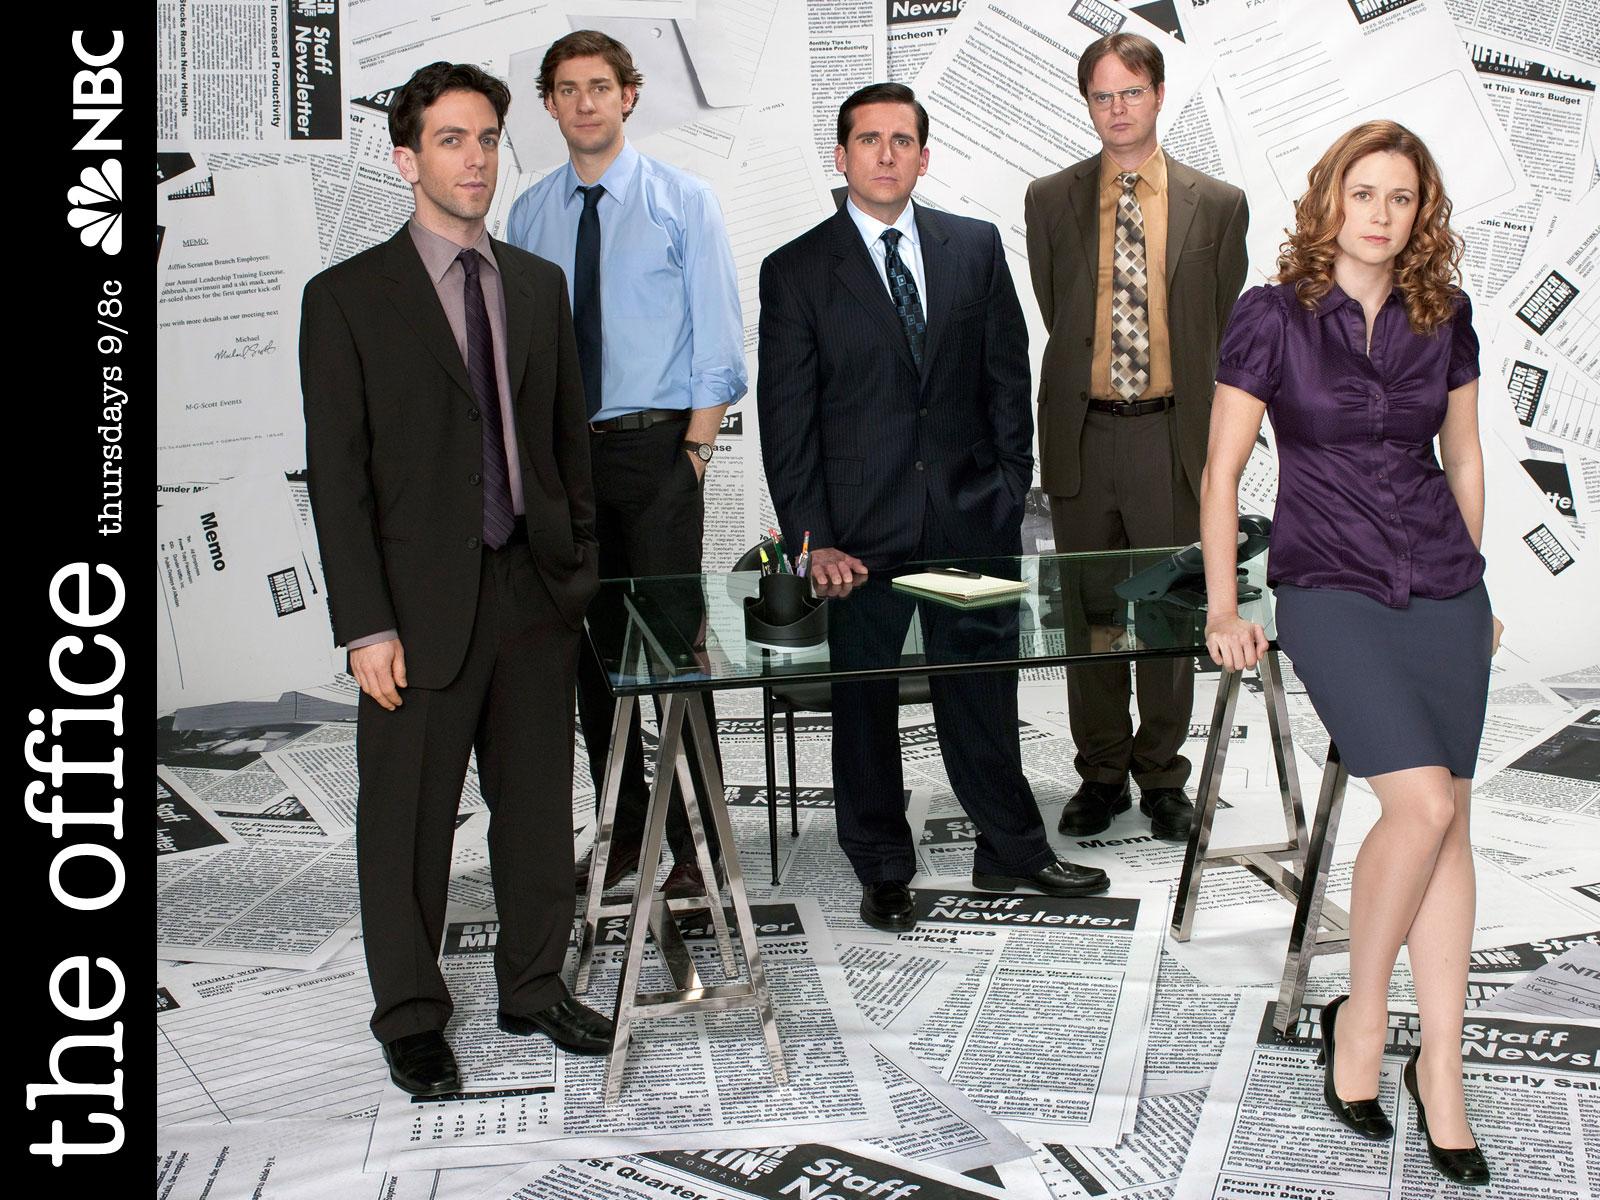 Сериал офис обои на рабочий стол